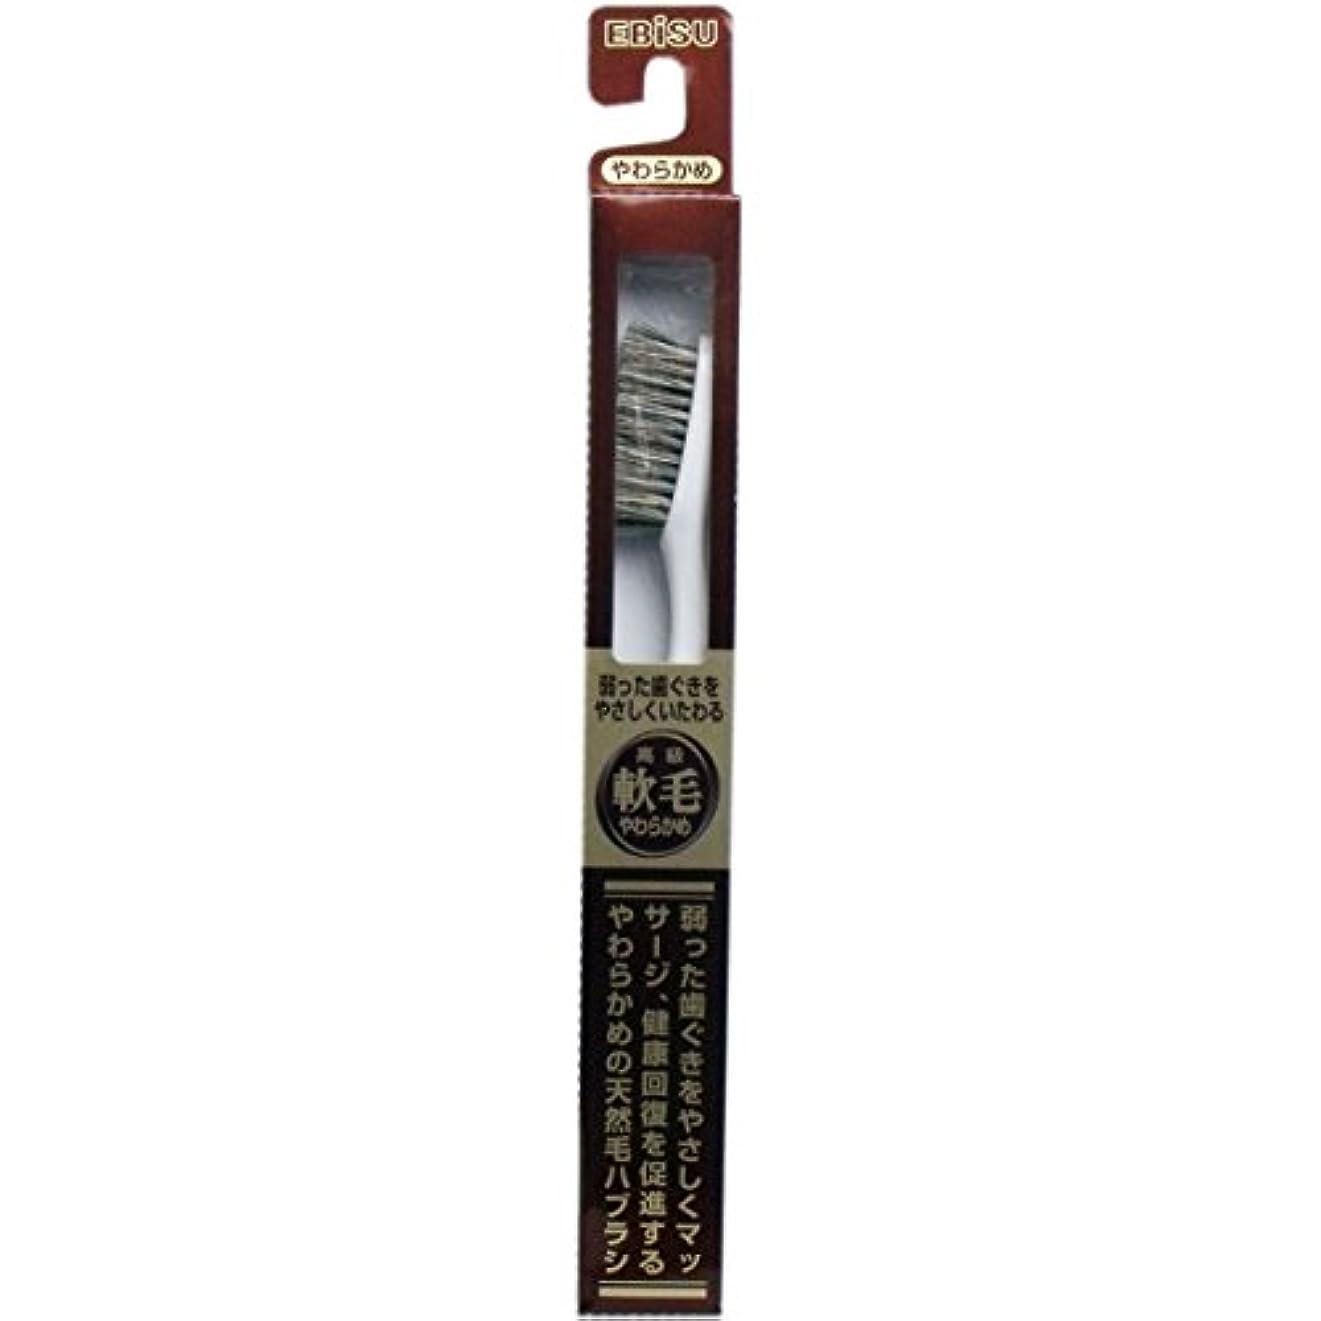 広まった段落かもめ【エビス】天然毛軟毛歯ブラシ 500 やわらかめ 1本 ×10個セット